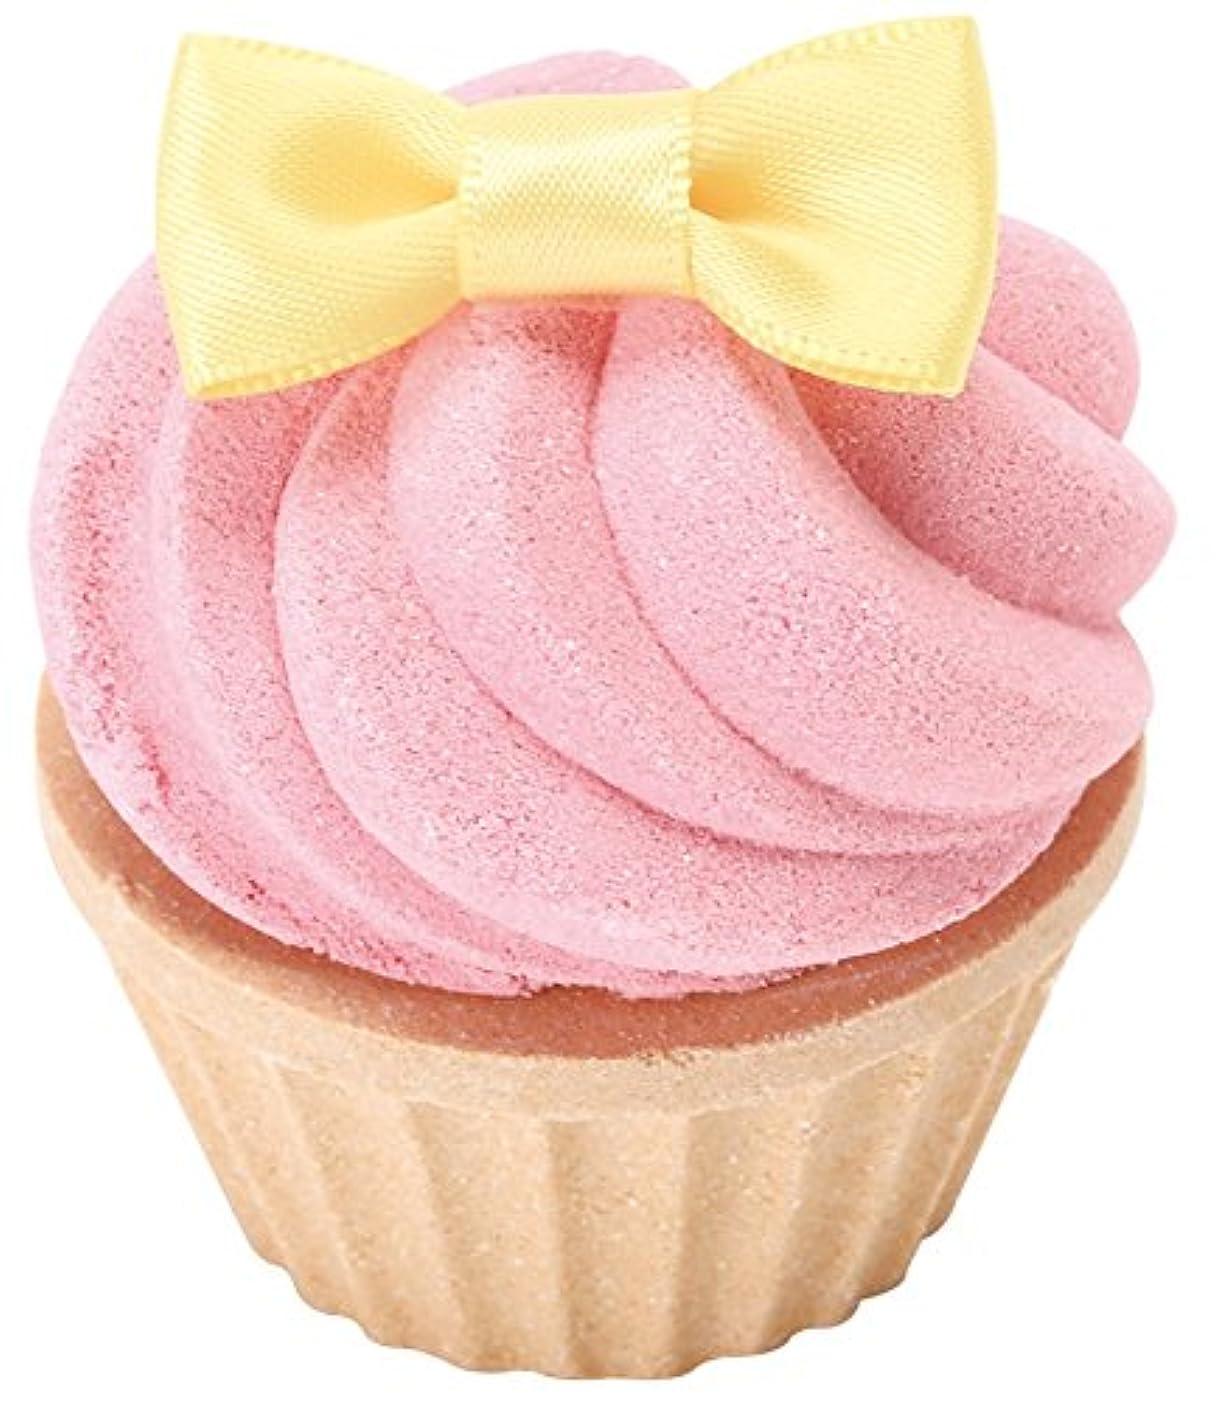 地味なトロピカル費やすノルコーポレーション お風呂用 芳香剤 おめかしカップケーキフィズ 60g ラズベリーの香り OB-SMM-14-1